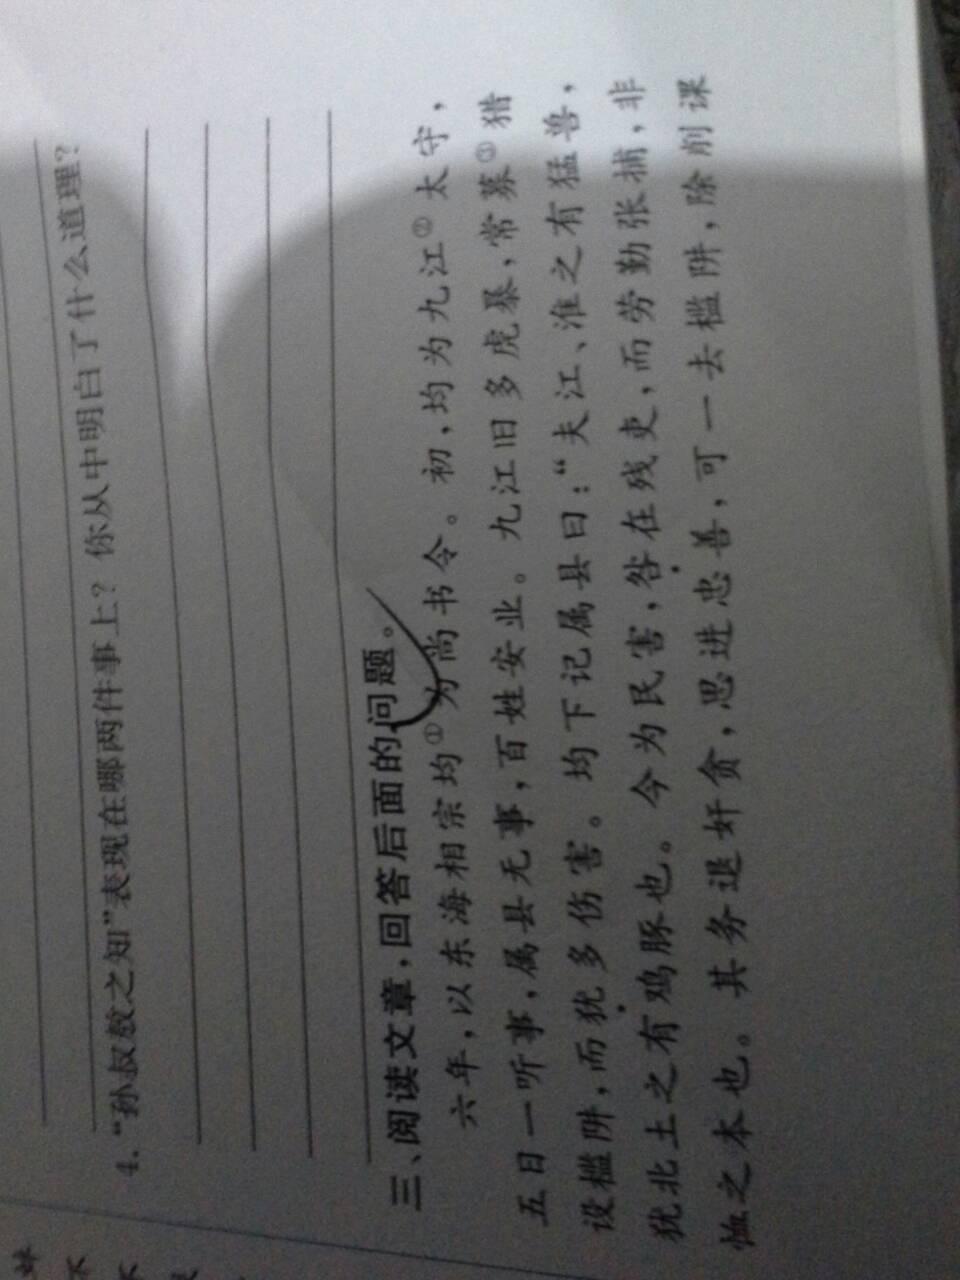 翻译一下.这个文言文.急!图片